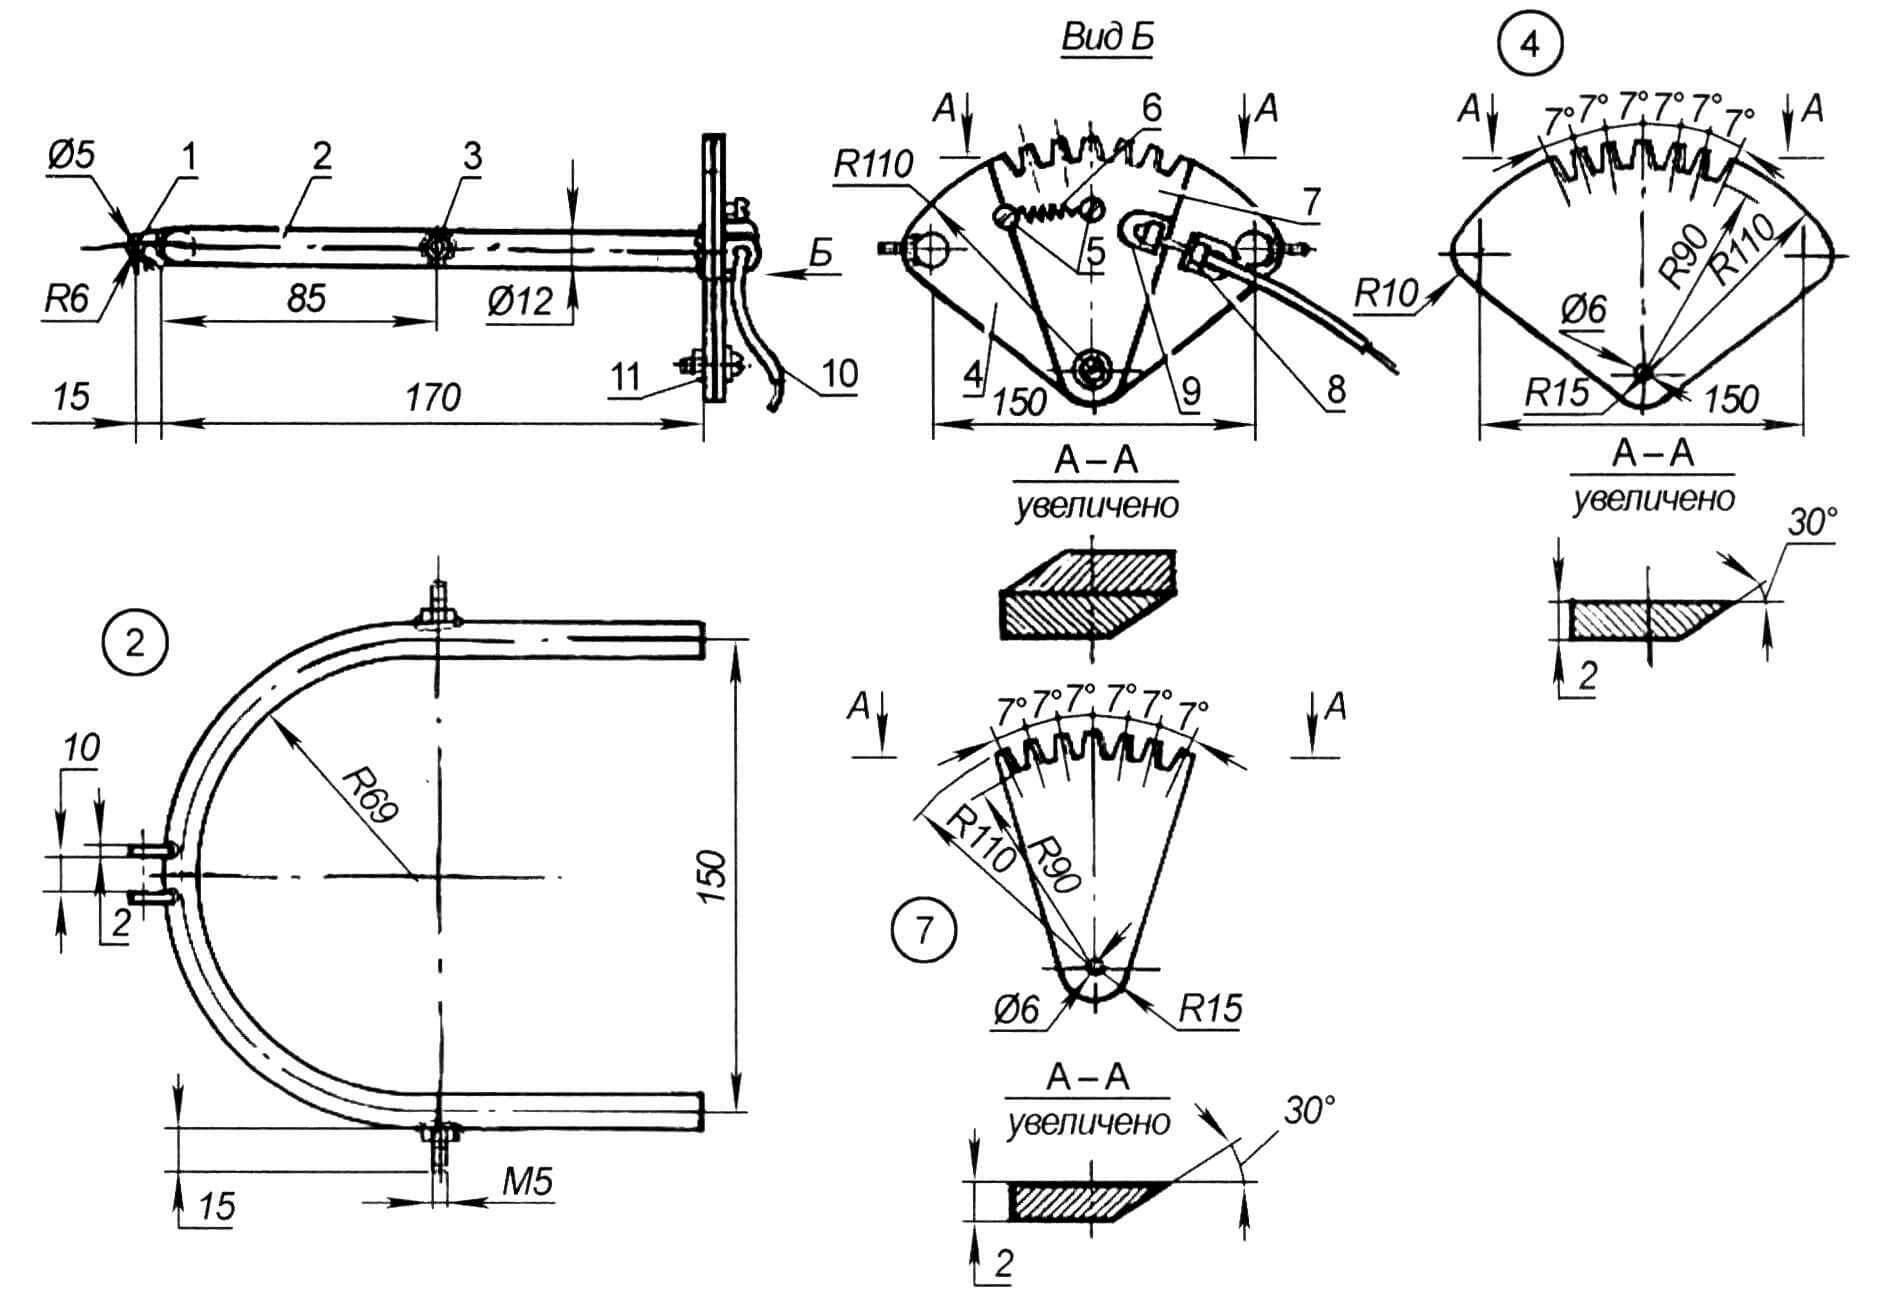 Рамка с режущим механизмом: 1 - вилка-шарнир; 2 - рамка (труба ø 12 мм); 3 - шарнир навески рамки (болты с резьбой М5); 4 - неподвижный сектор; 5 - винты с резьбой М4; 6 - возвратная пружина; 7 - подвижный сектор; 8 - упор оболочки троса; 9 - упор троса; 10 - трос в оболочке; 11 - шарнир подвижного сектора (винт М6 с гайкой и шайбой)